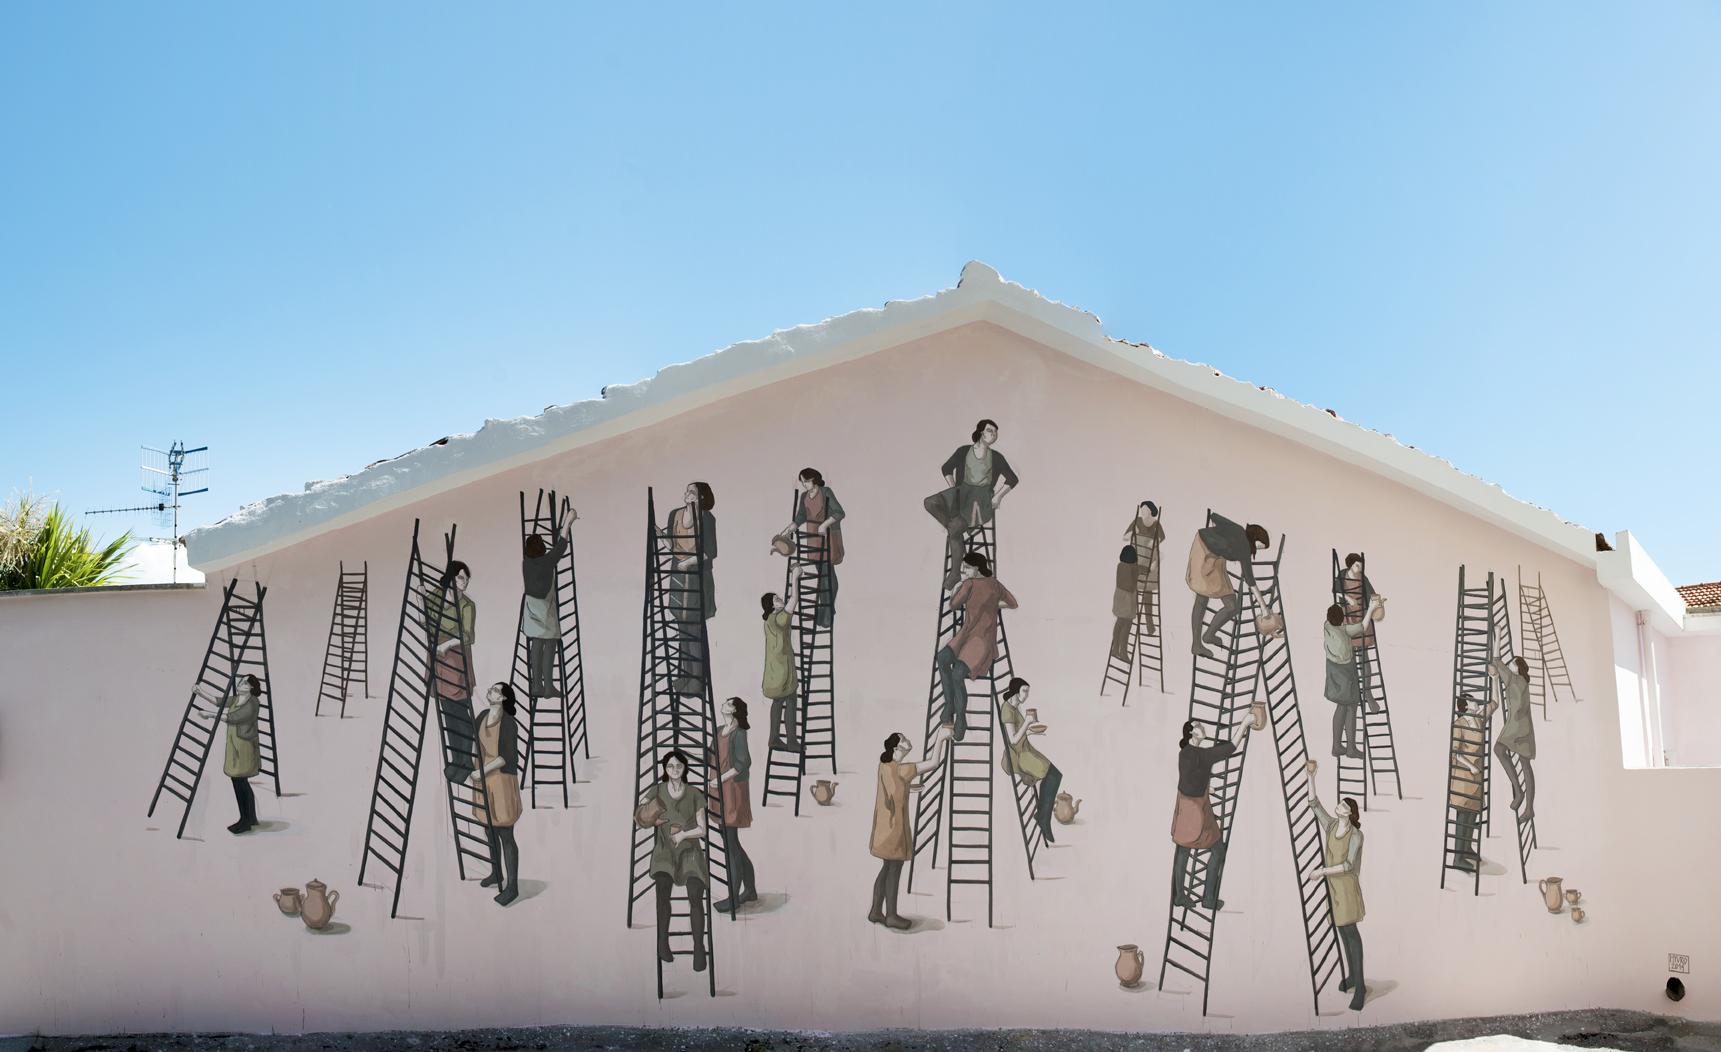 hyuro-new-murals-for-memorie-urbane-festival-2014-12